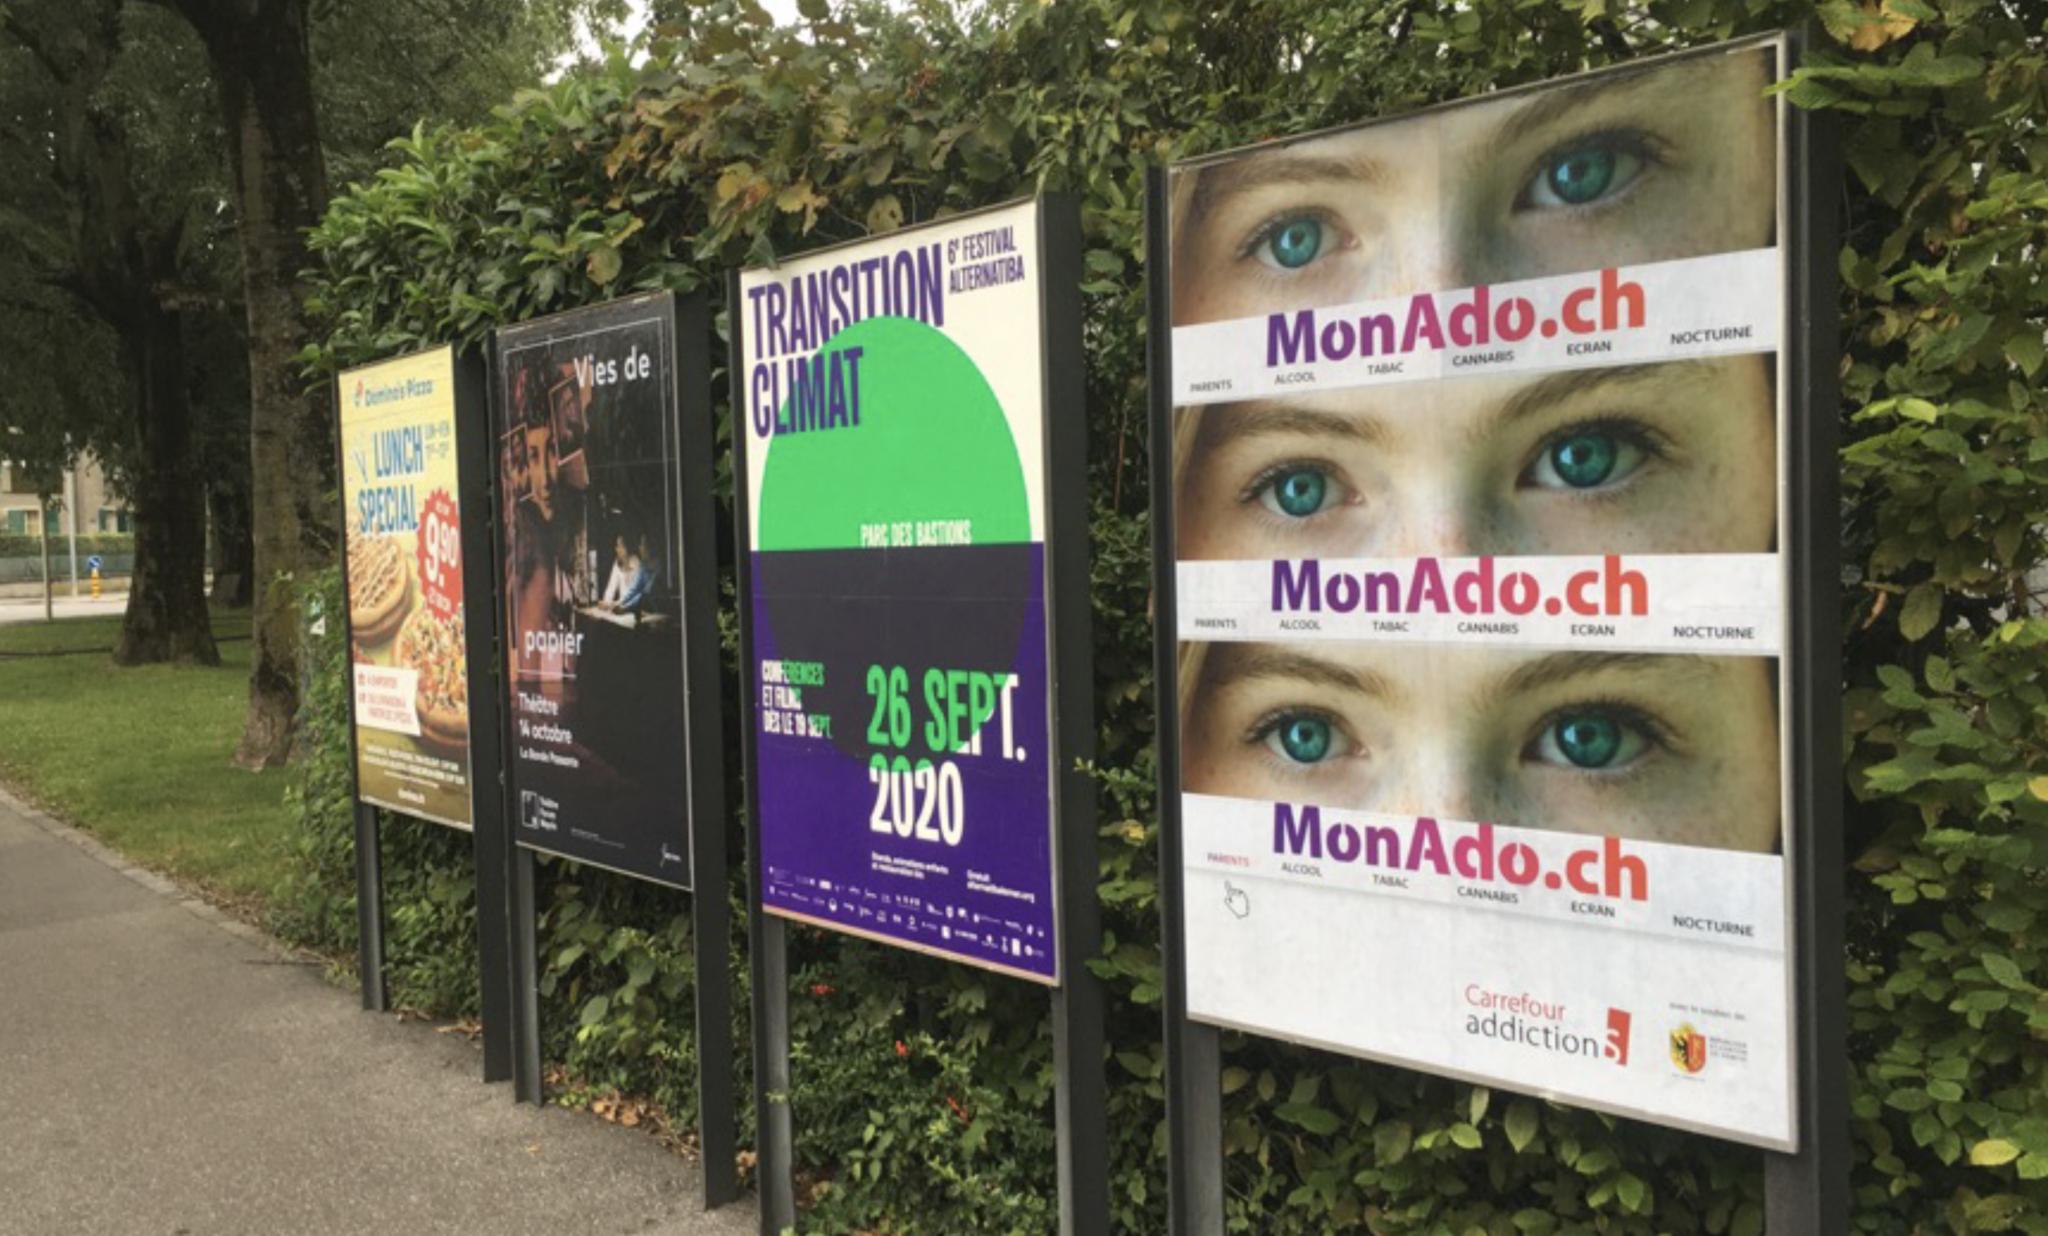 MonAdo.ch